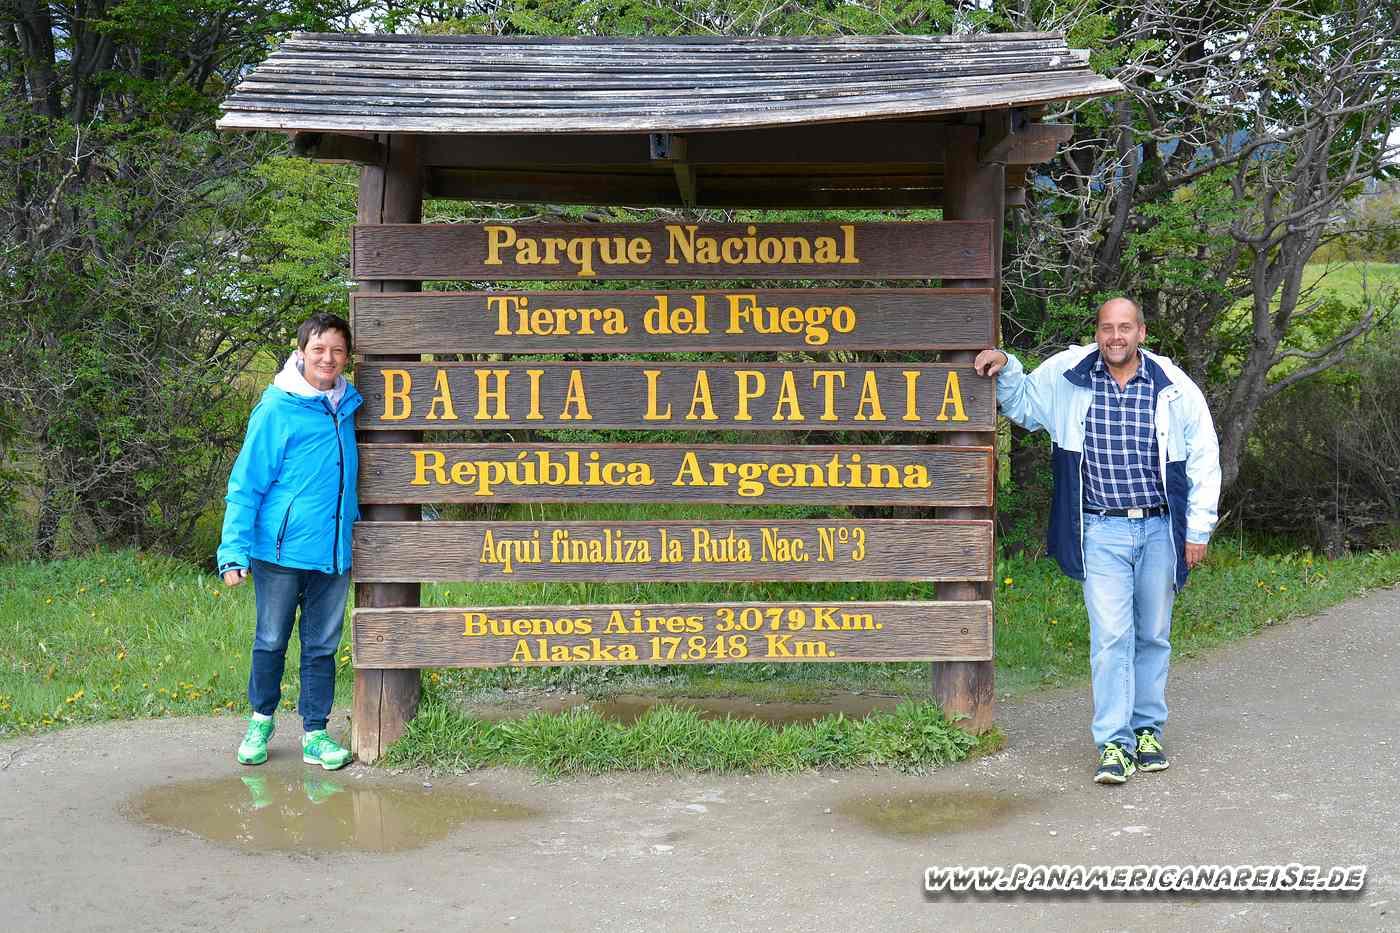 Parque Nacional Tierra del Fuego Ushuaia Argentina